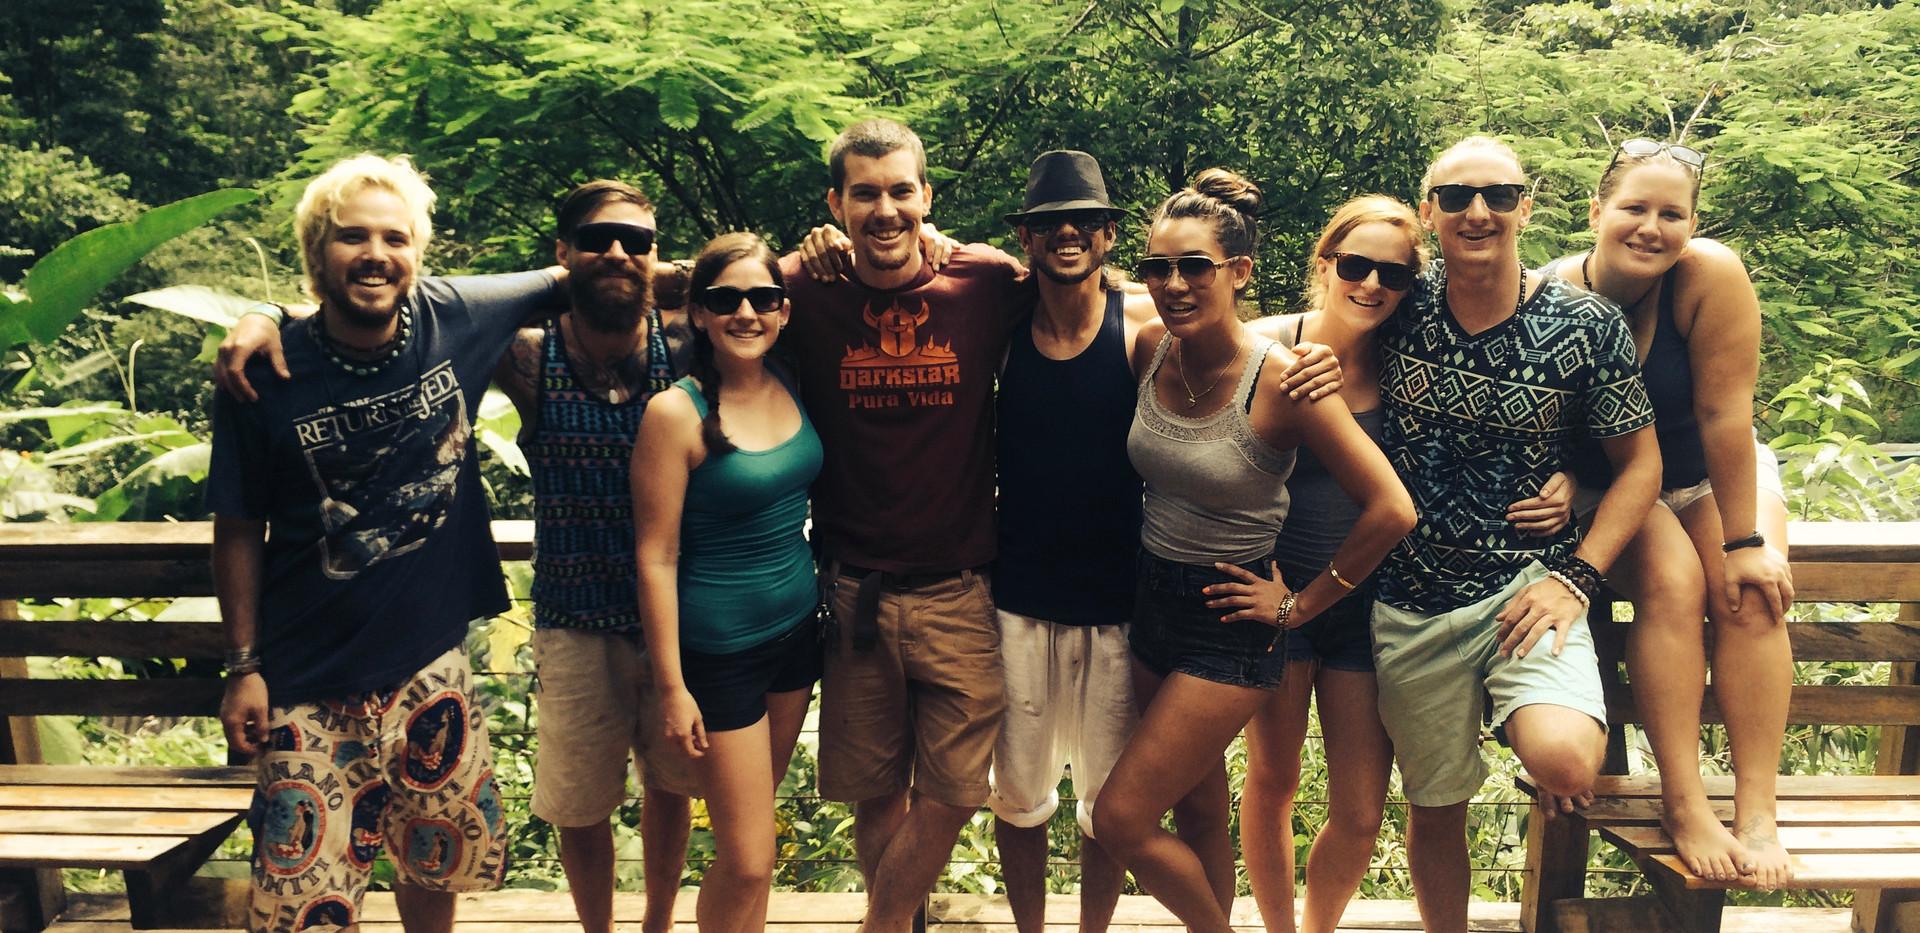 Matt and friends